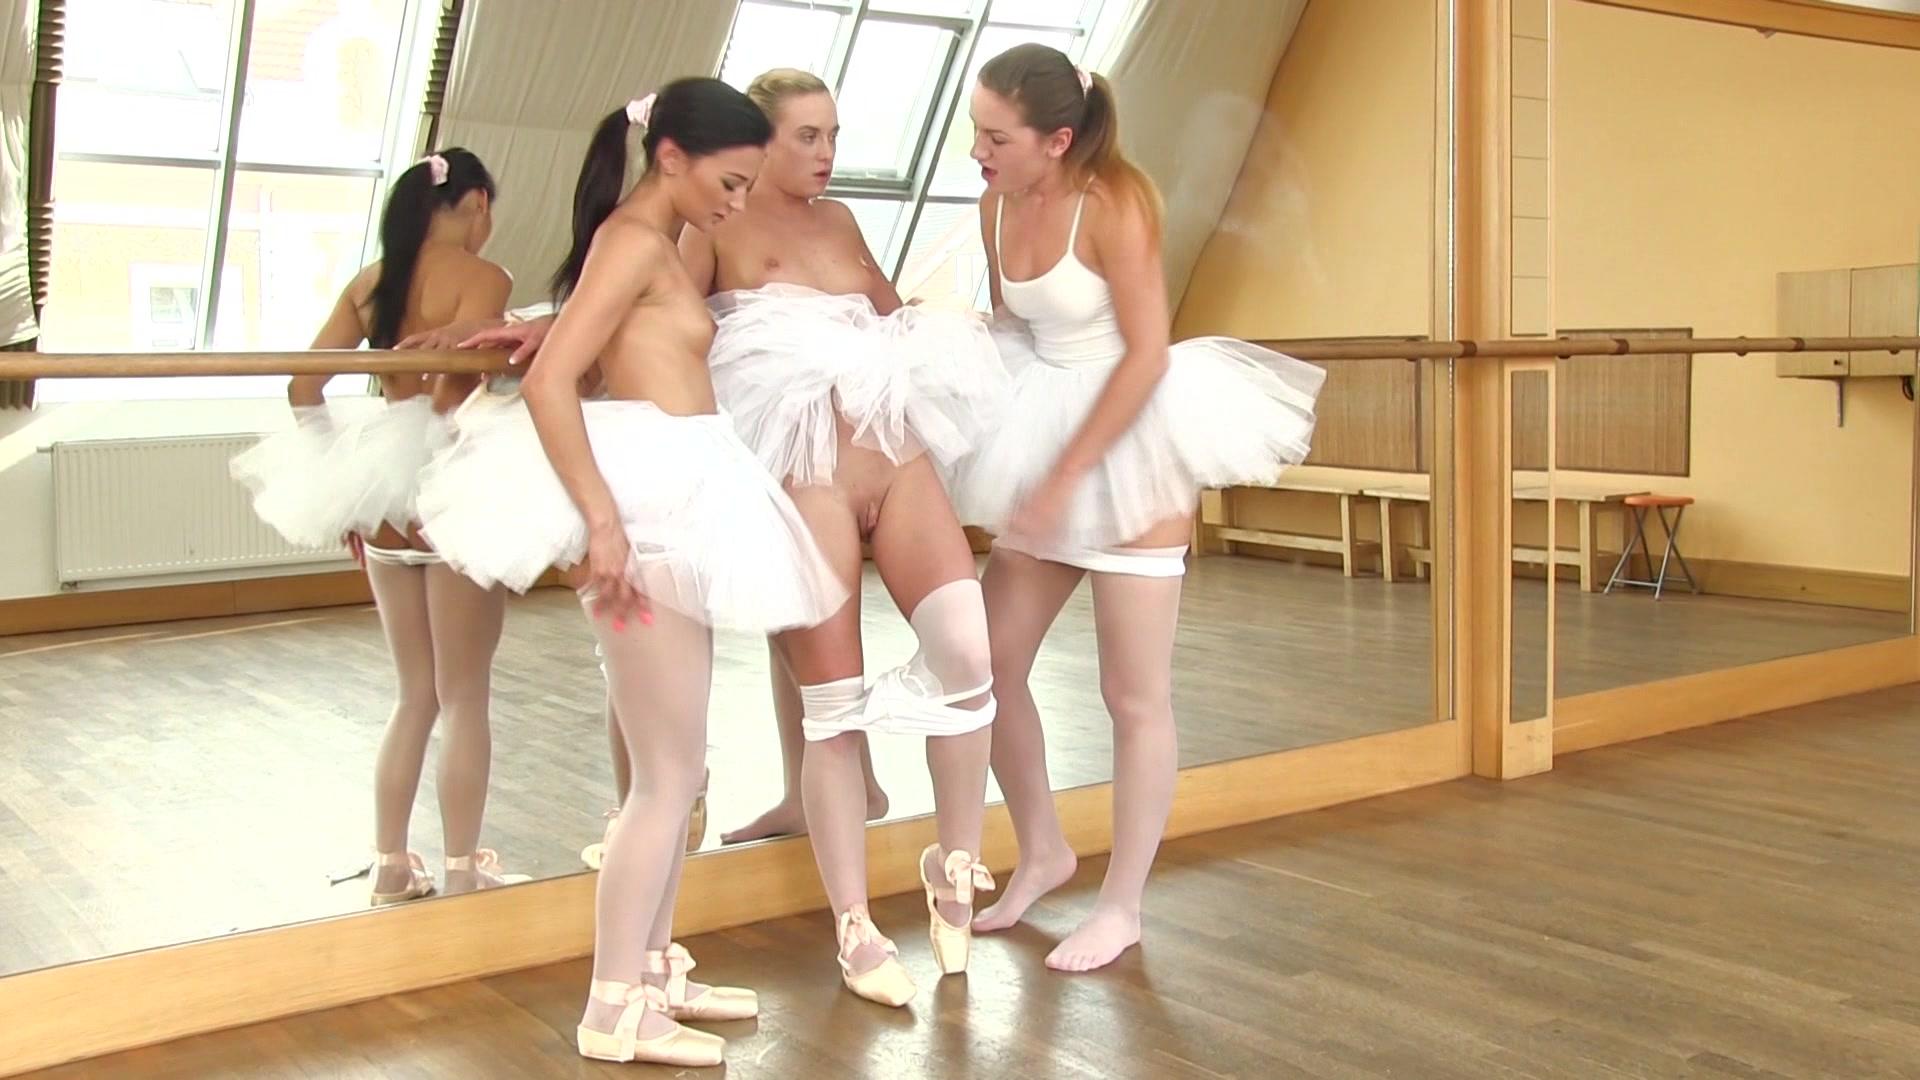 Смотреть эро шоу балет, Порно видео онлайн: ТанцыШоу 21 фотография